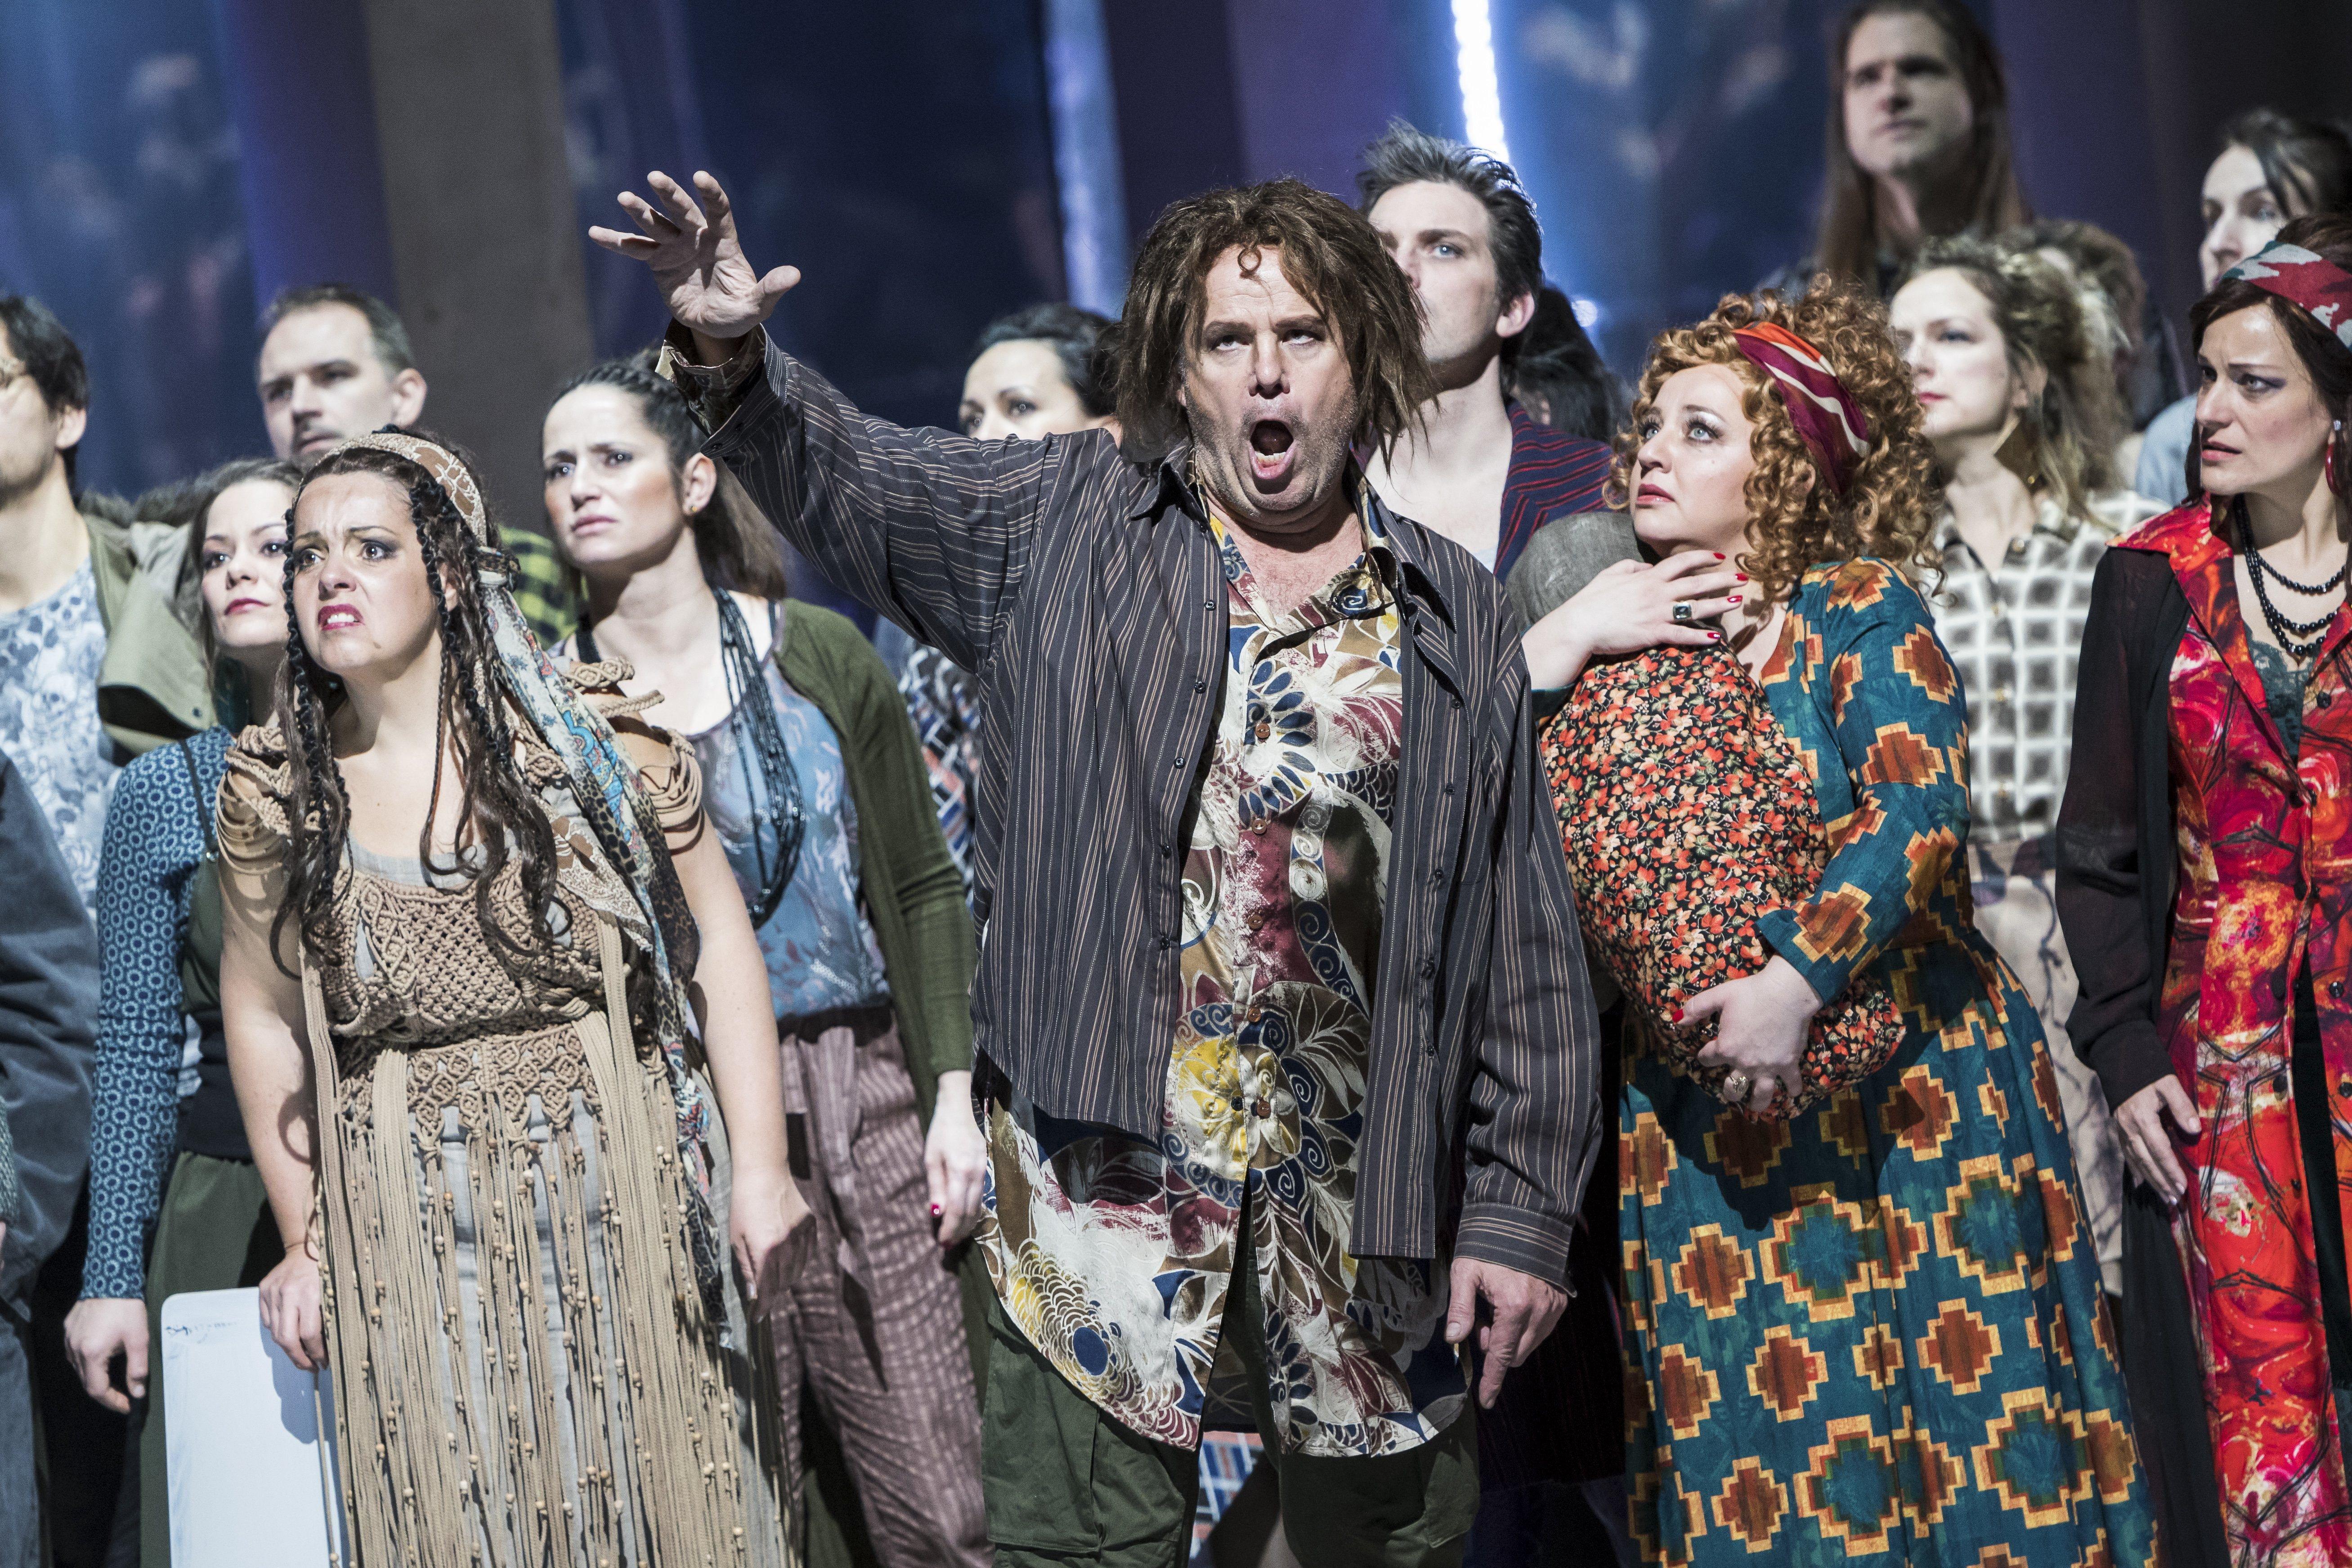 Nem érzik hazugságnak az Operaház énekesei, hogy afroamerikainak vallották magukat